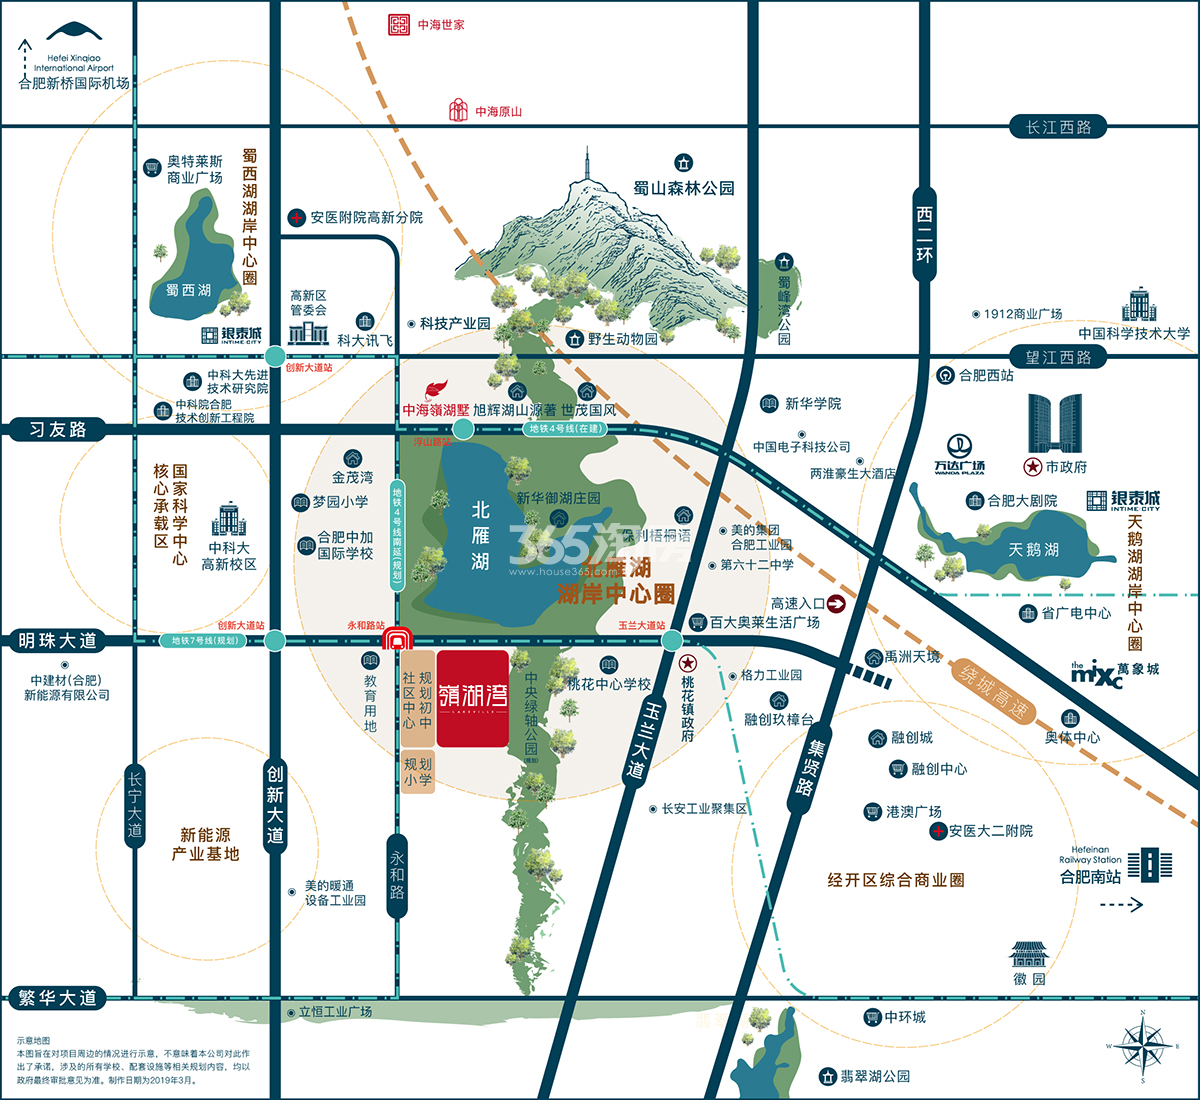 中海嶺湖湾交通图